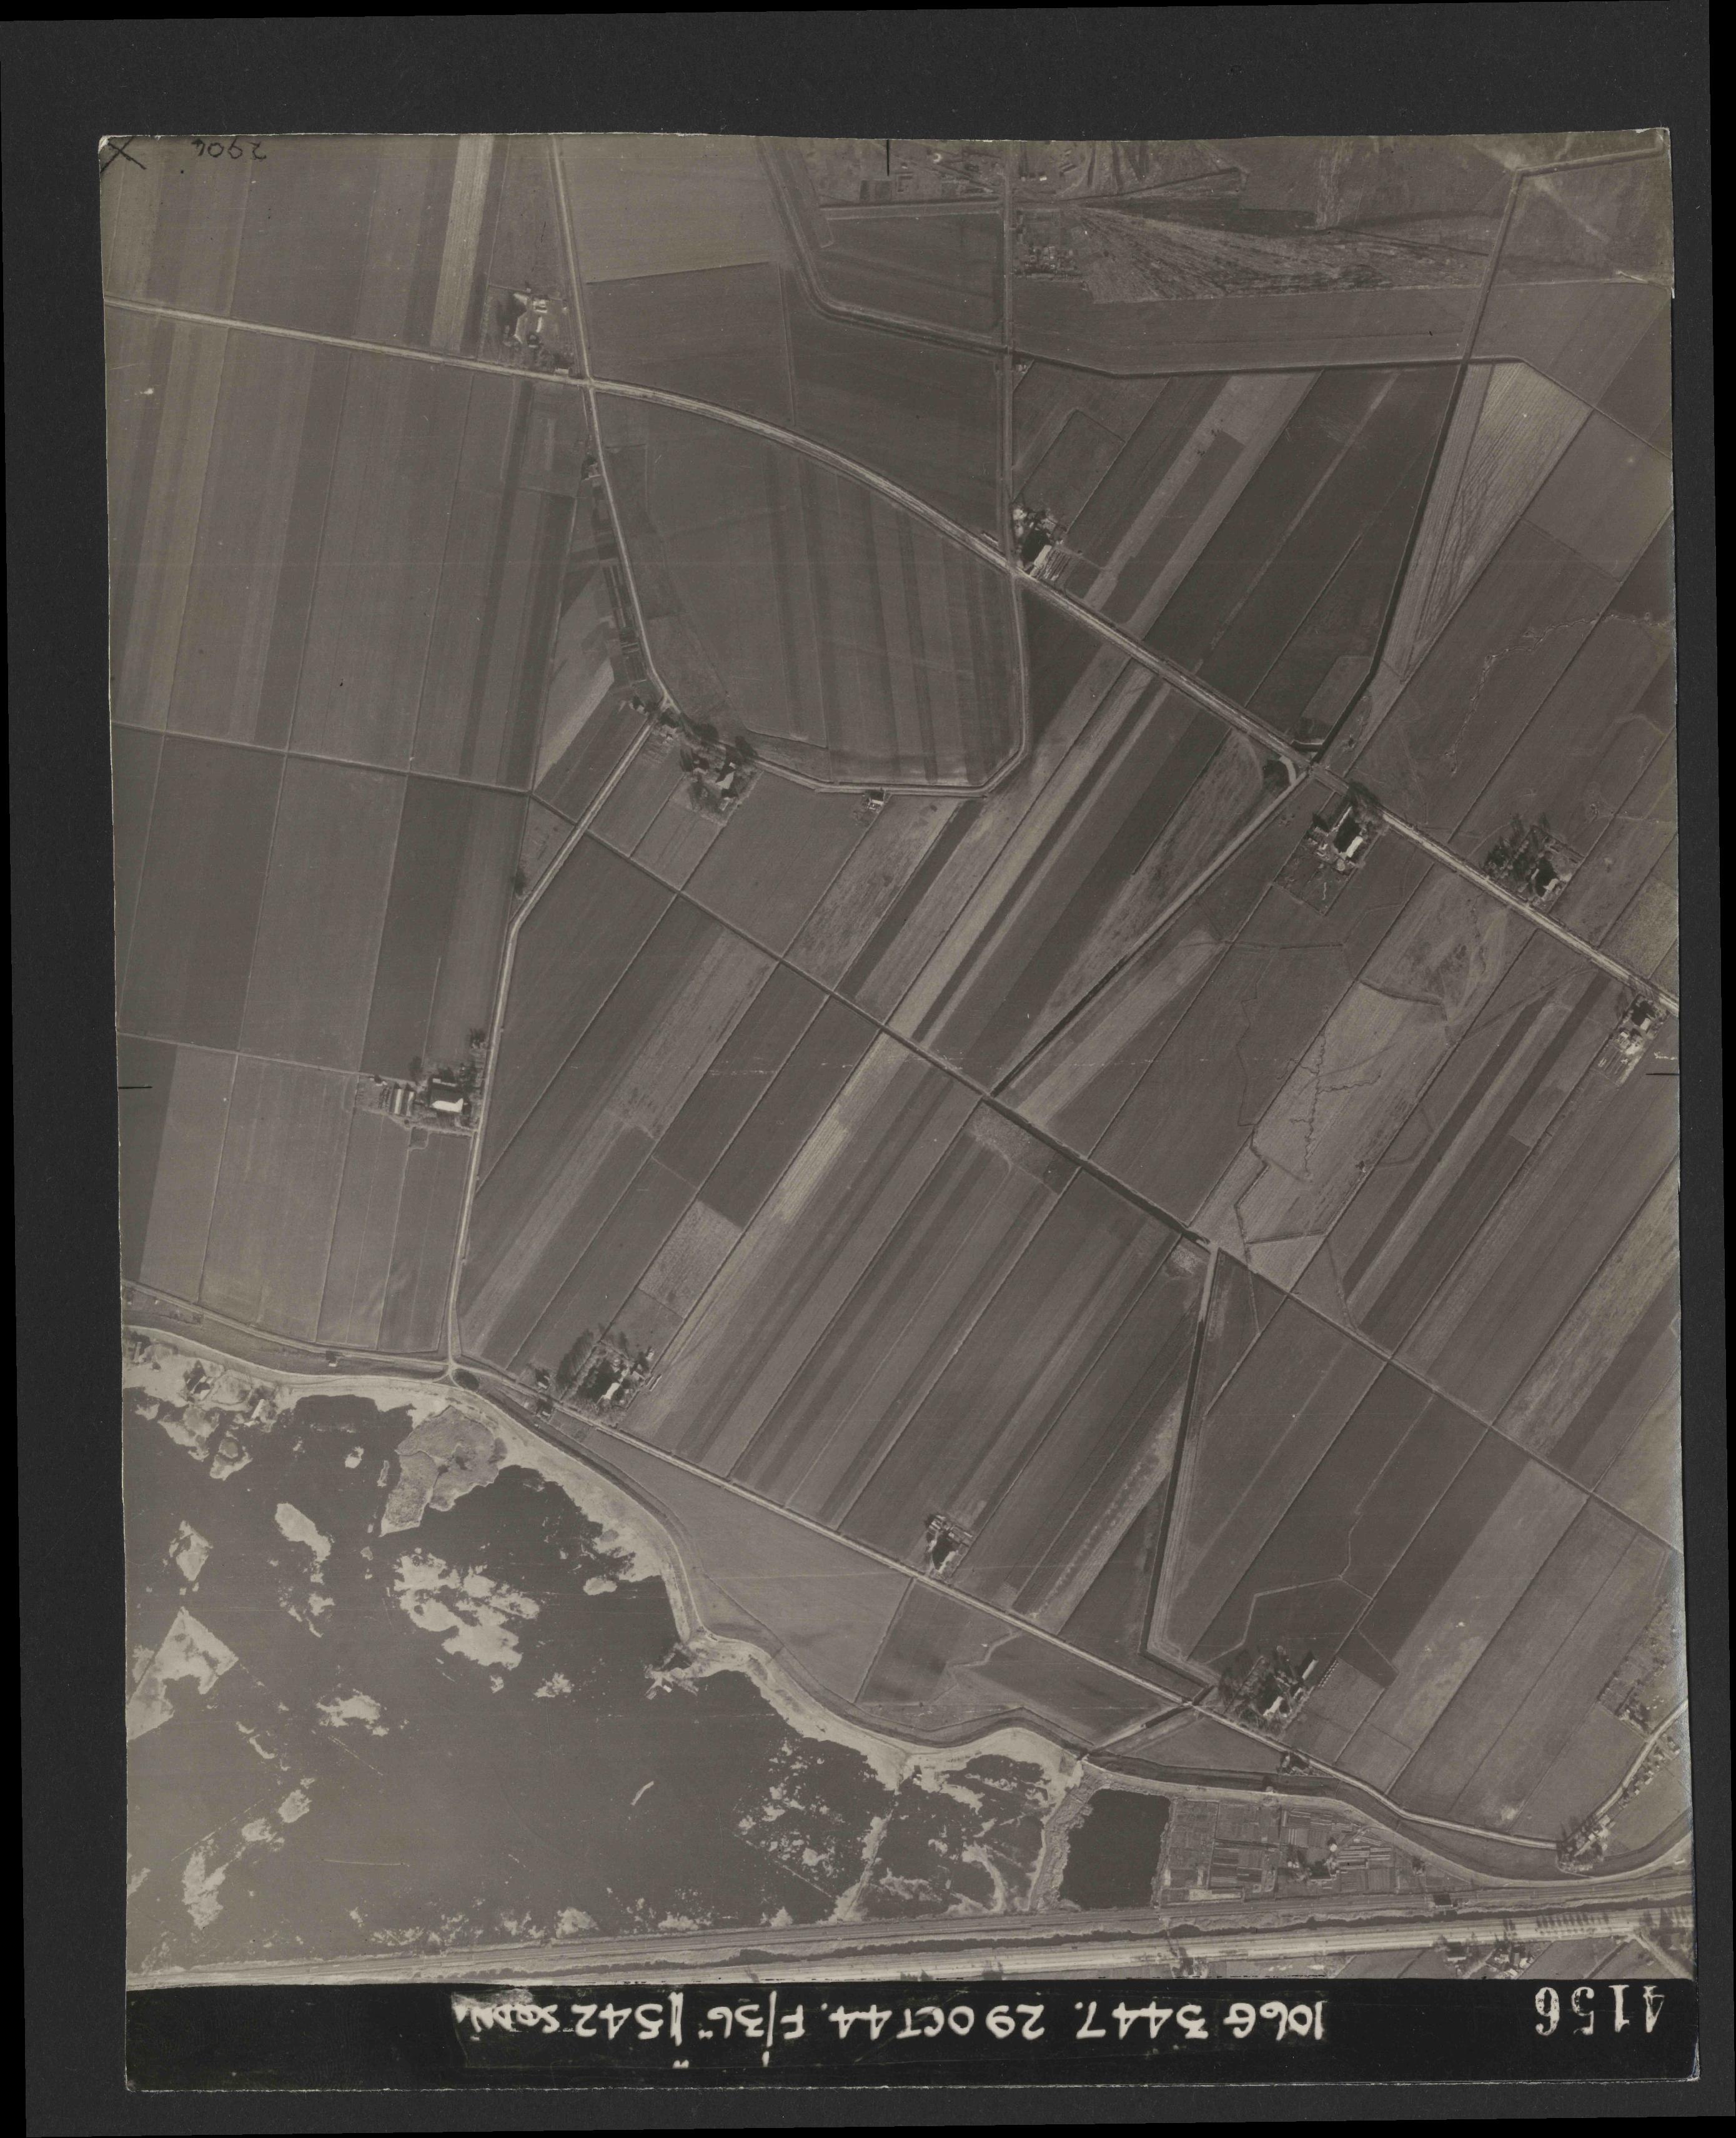 Collection RAF aerial photos 1940-1945 - flight 236, run 06, photo 4156